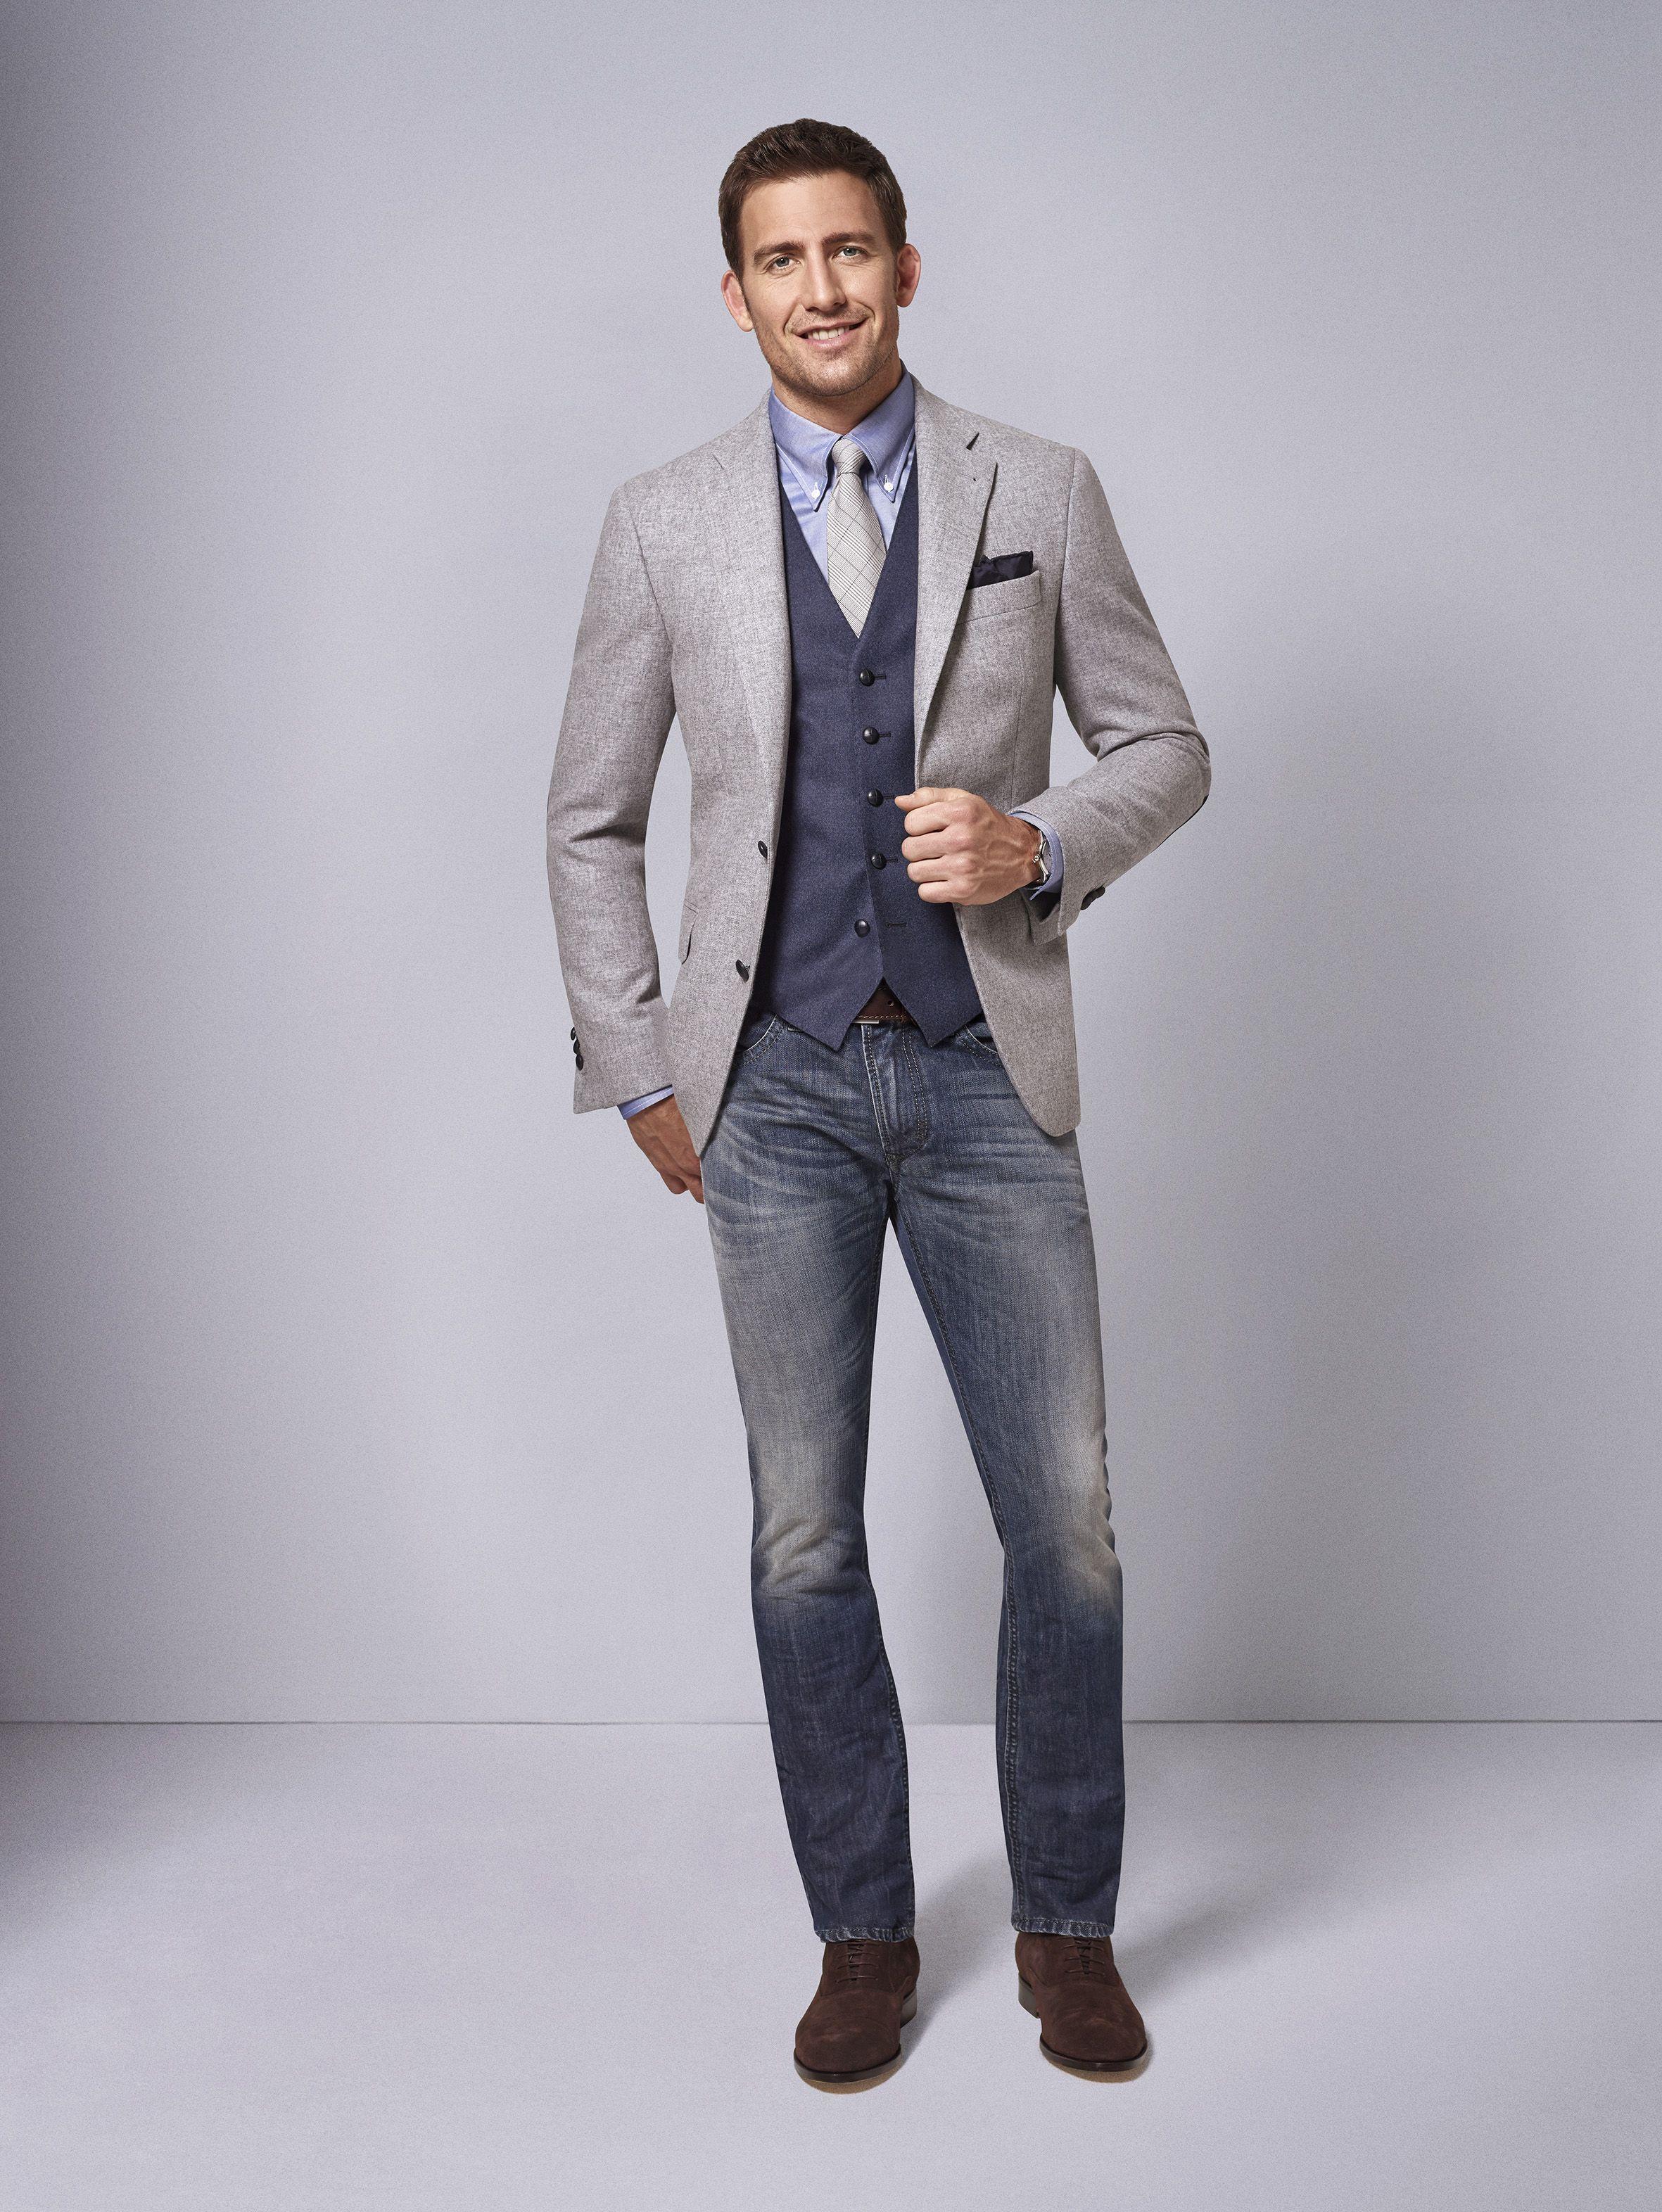 c03c041436cb Mit dieser modernen Kombination starten Sie vom Büro in die Freizeit.  Sportlich wird der Look nicht nur durch die Jeans, auch das  Button-Down-Hemd mit ...